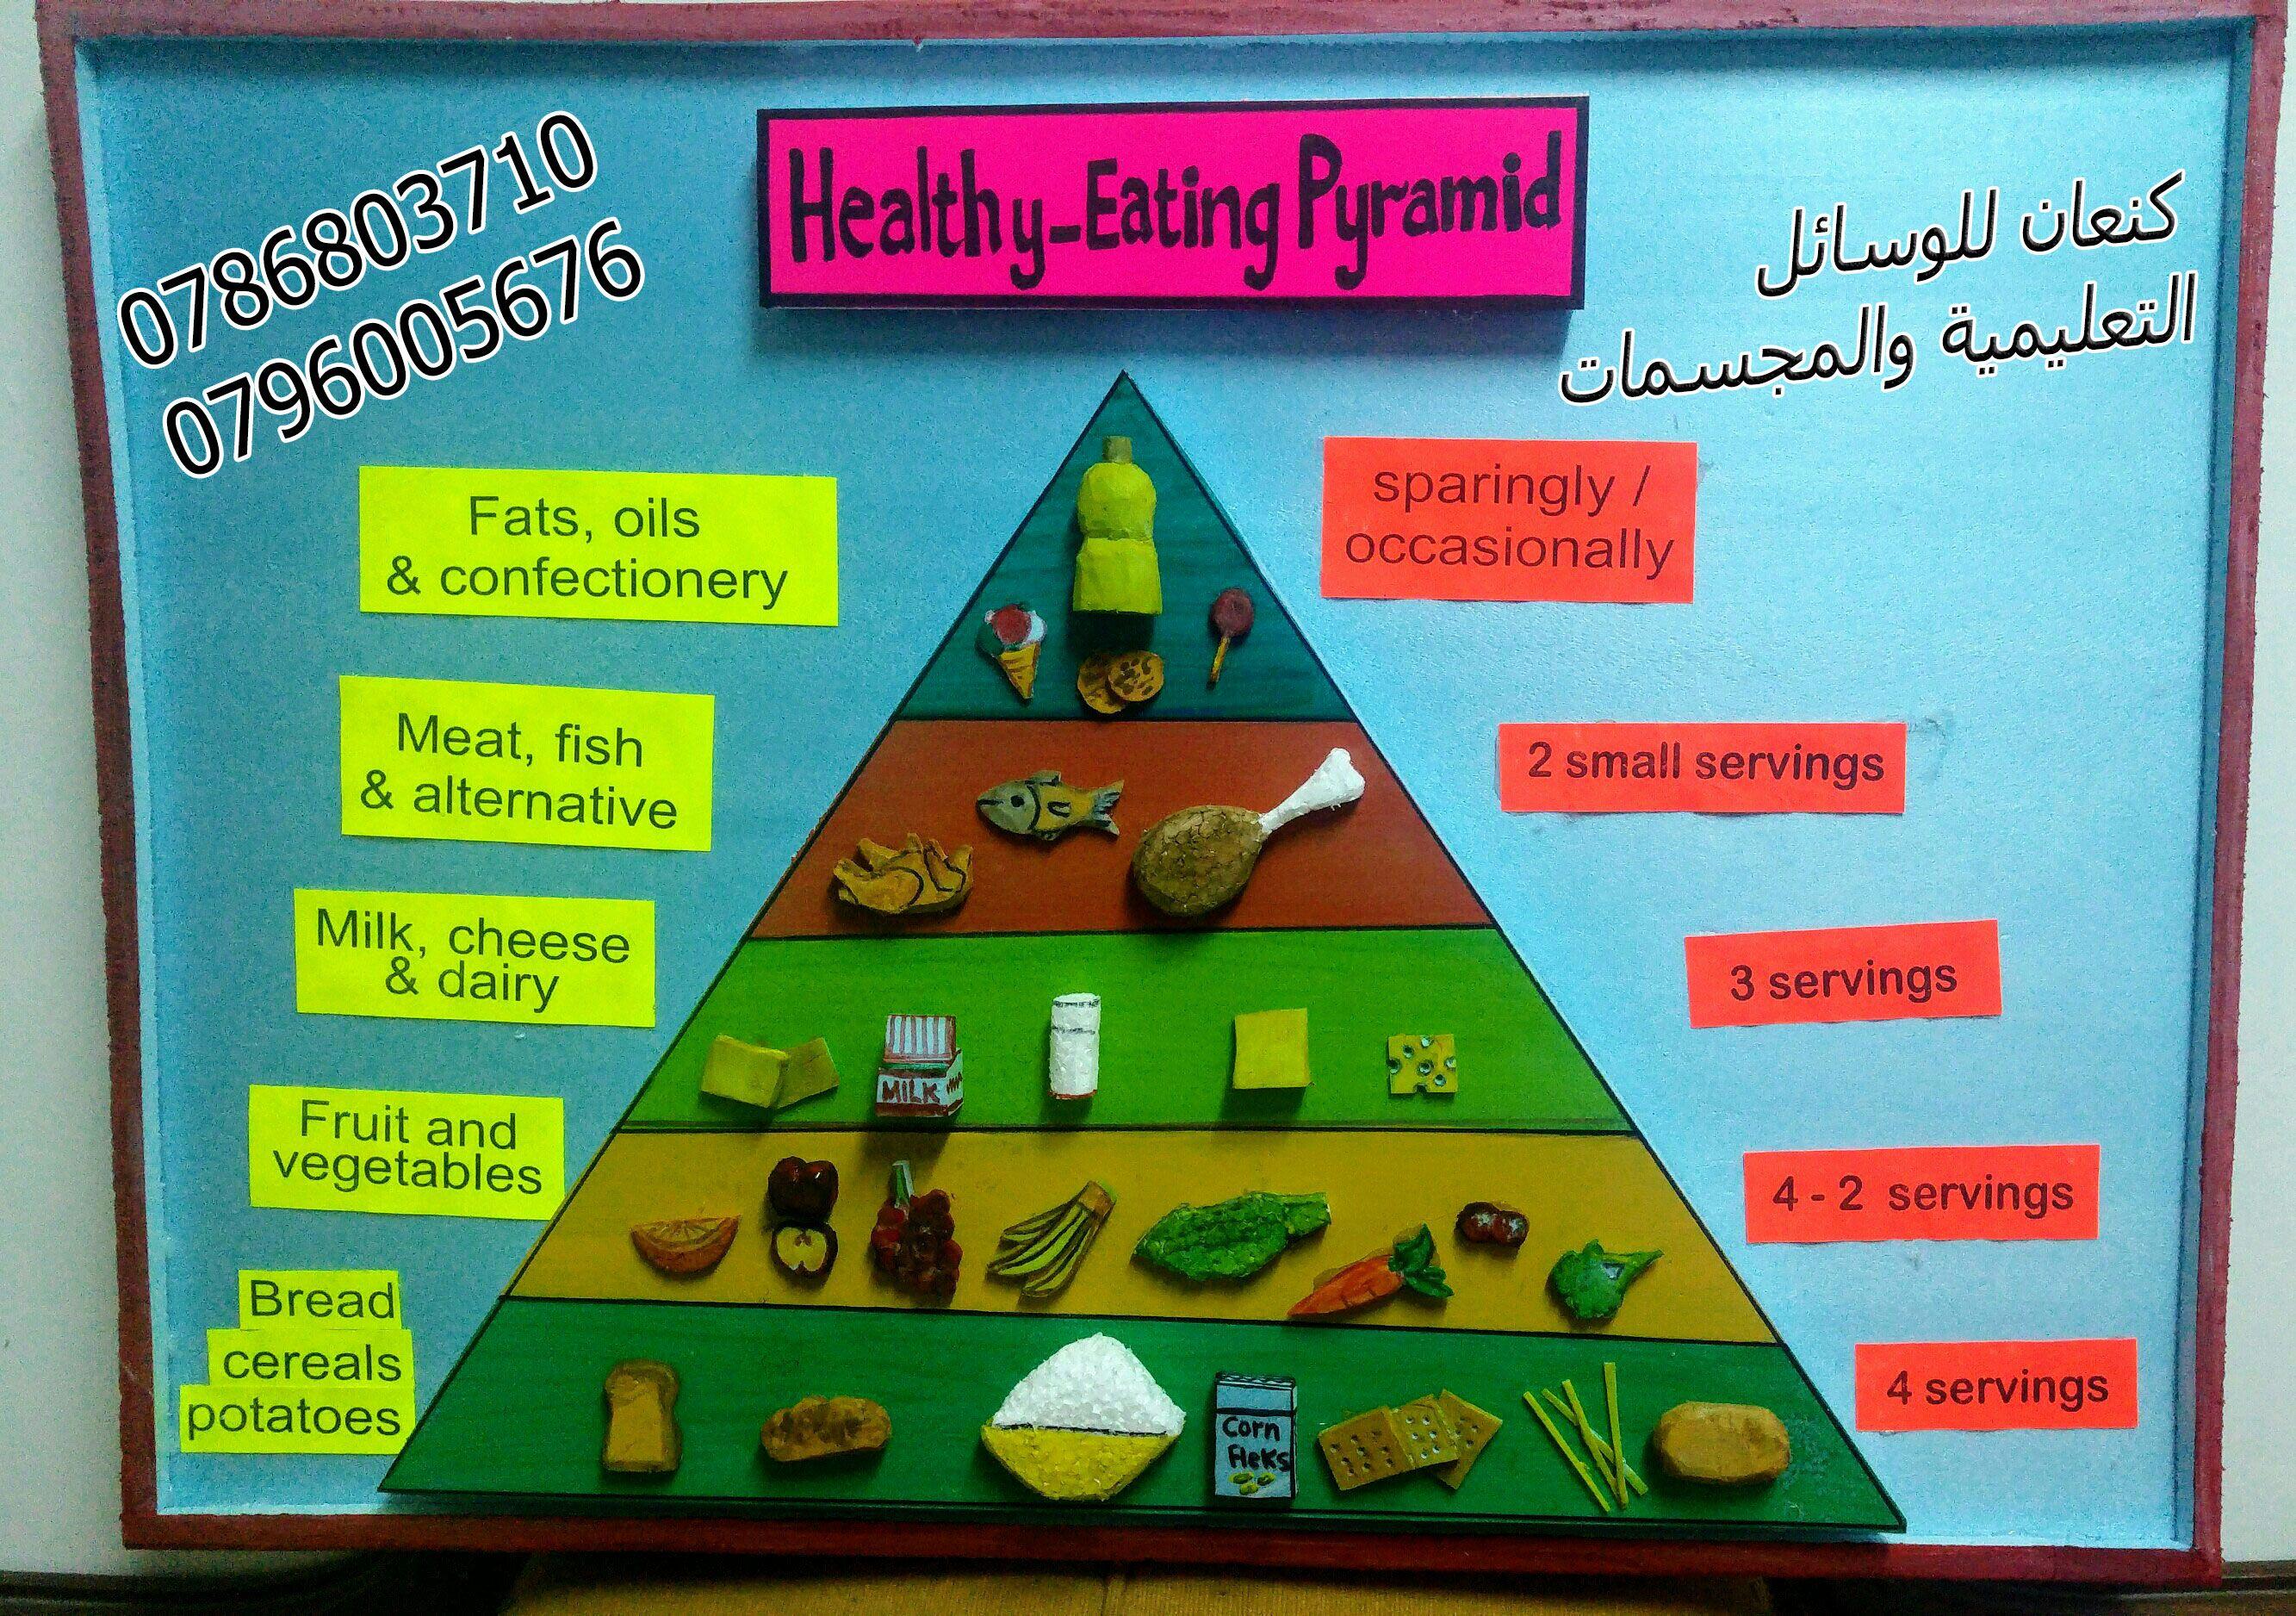 الهرم الغذائي باللغة الانجليزية Healthy Eating Pyramid Confectionery School Education